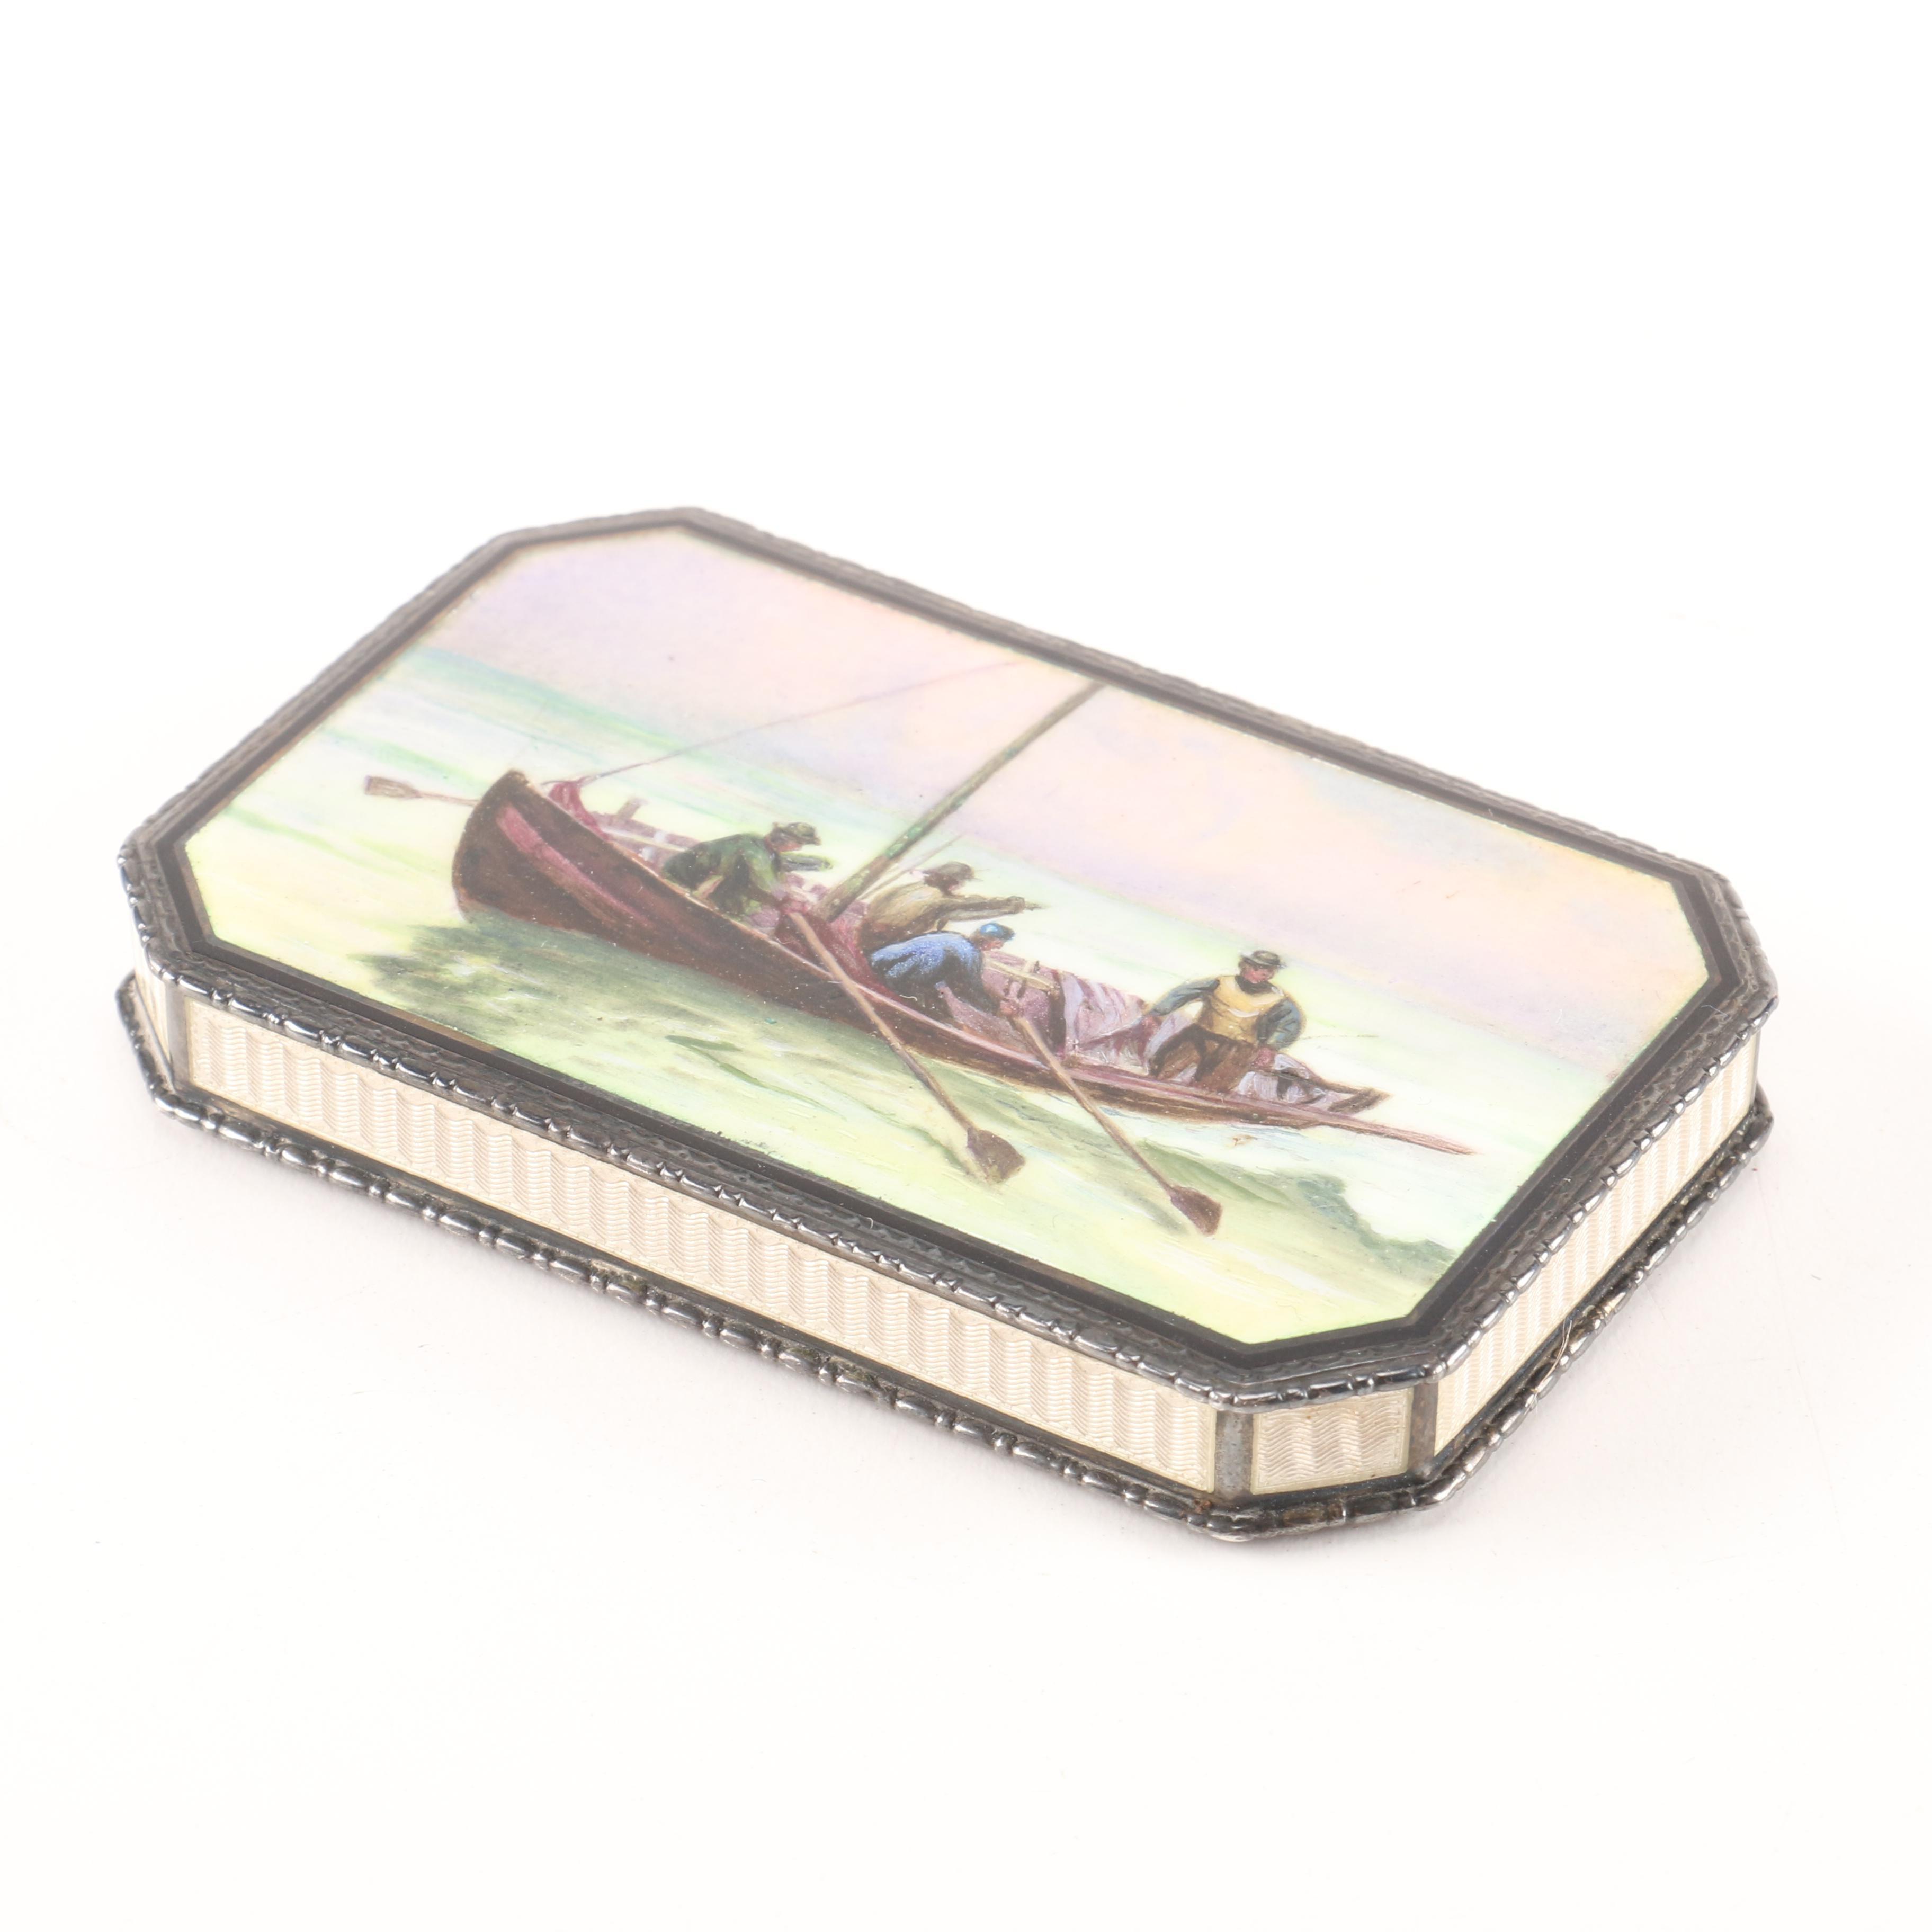 Vintage Pillbox